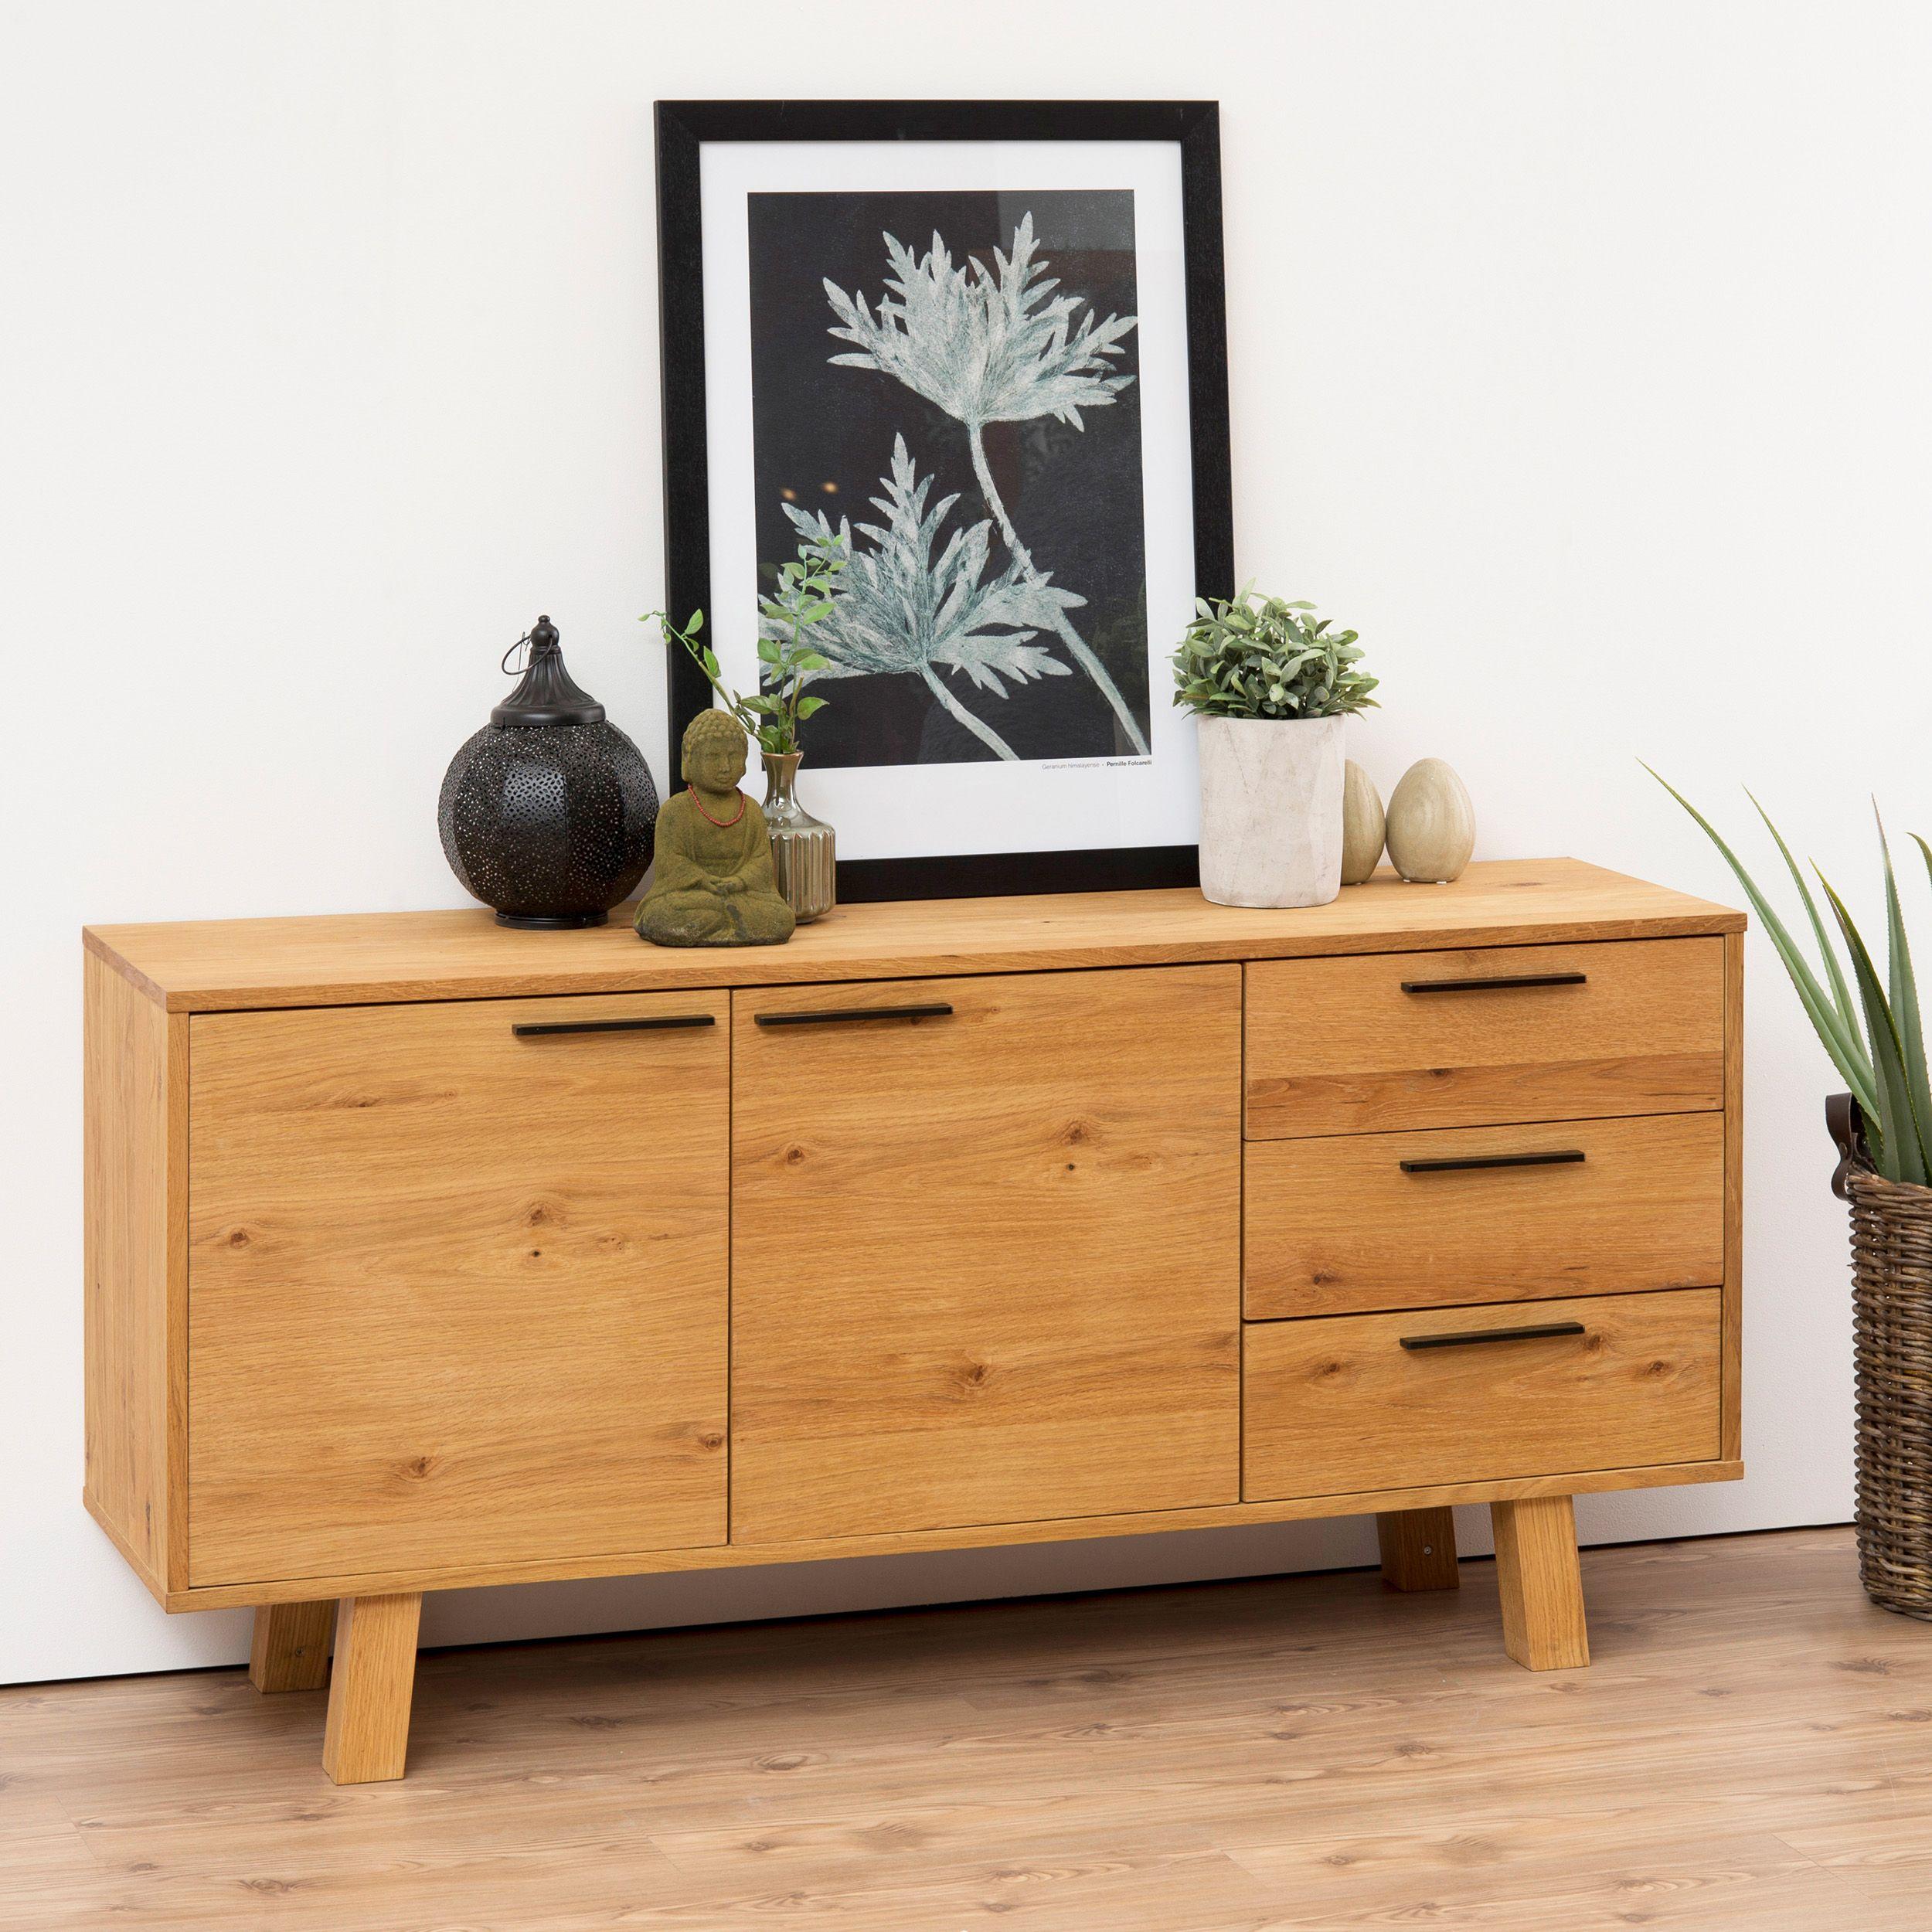 AC Design Chara Sideboard 150x40x71cm